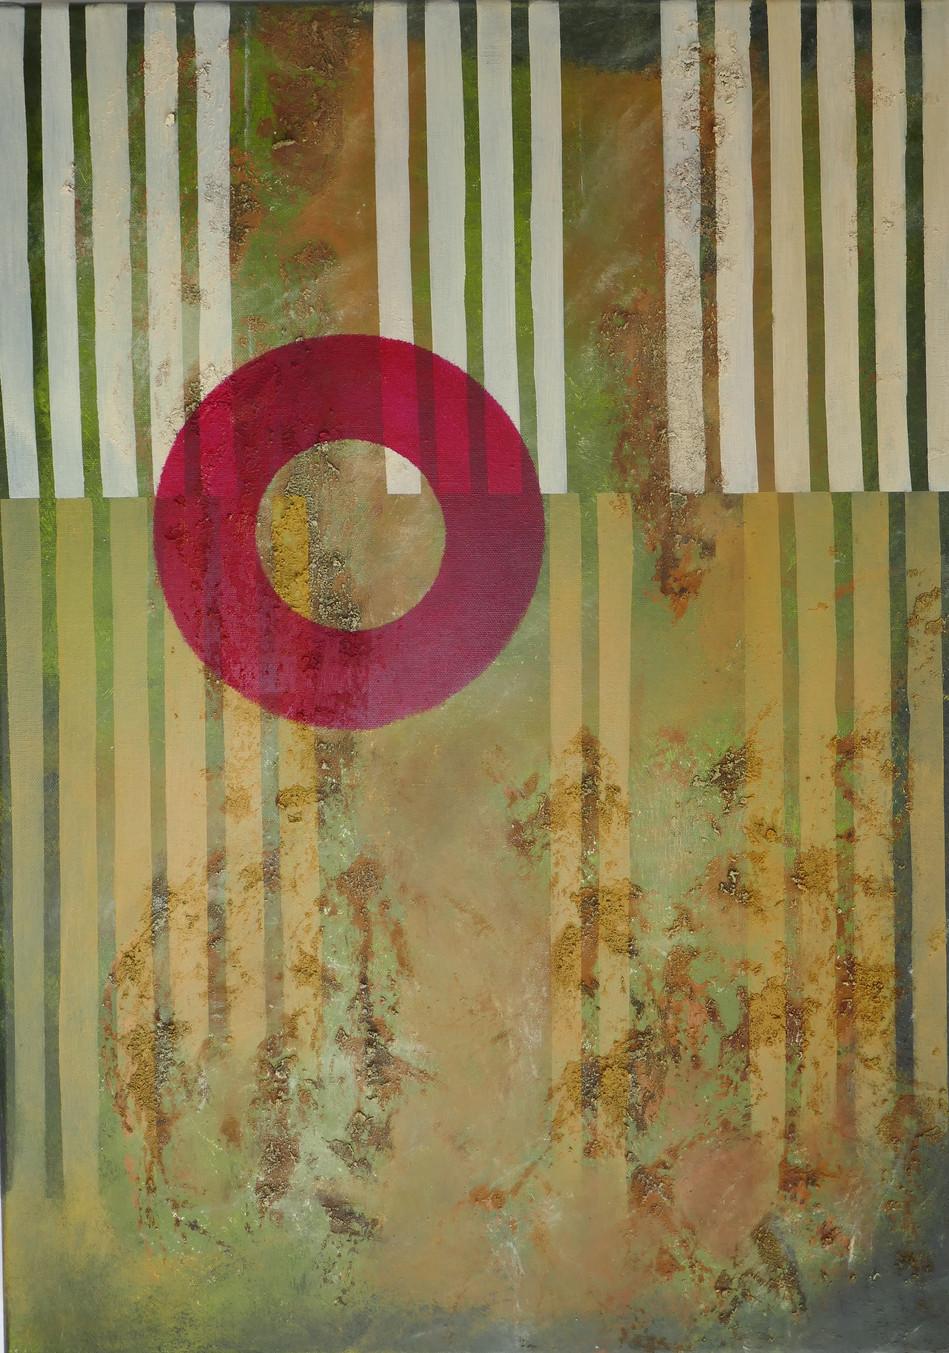 50x70; nach einer digital art Vorlage von Hartmut Manitzke (Ostfriesland)